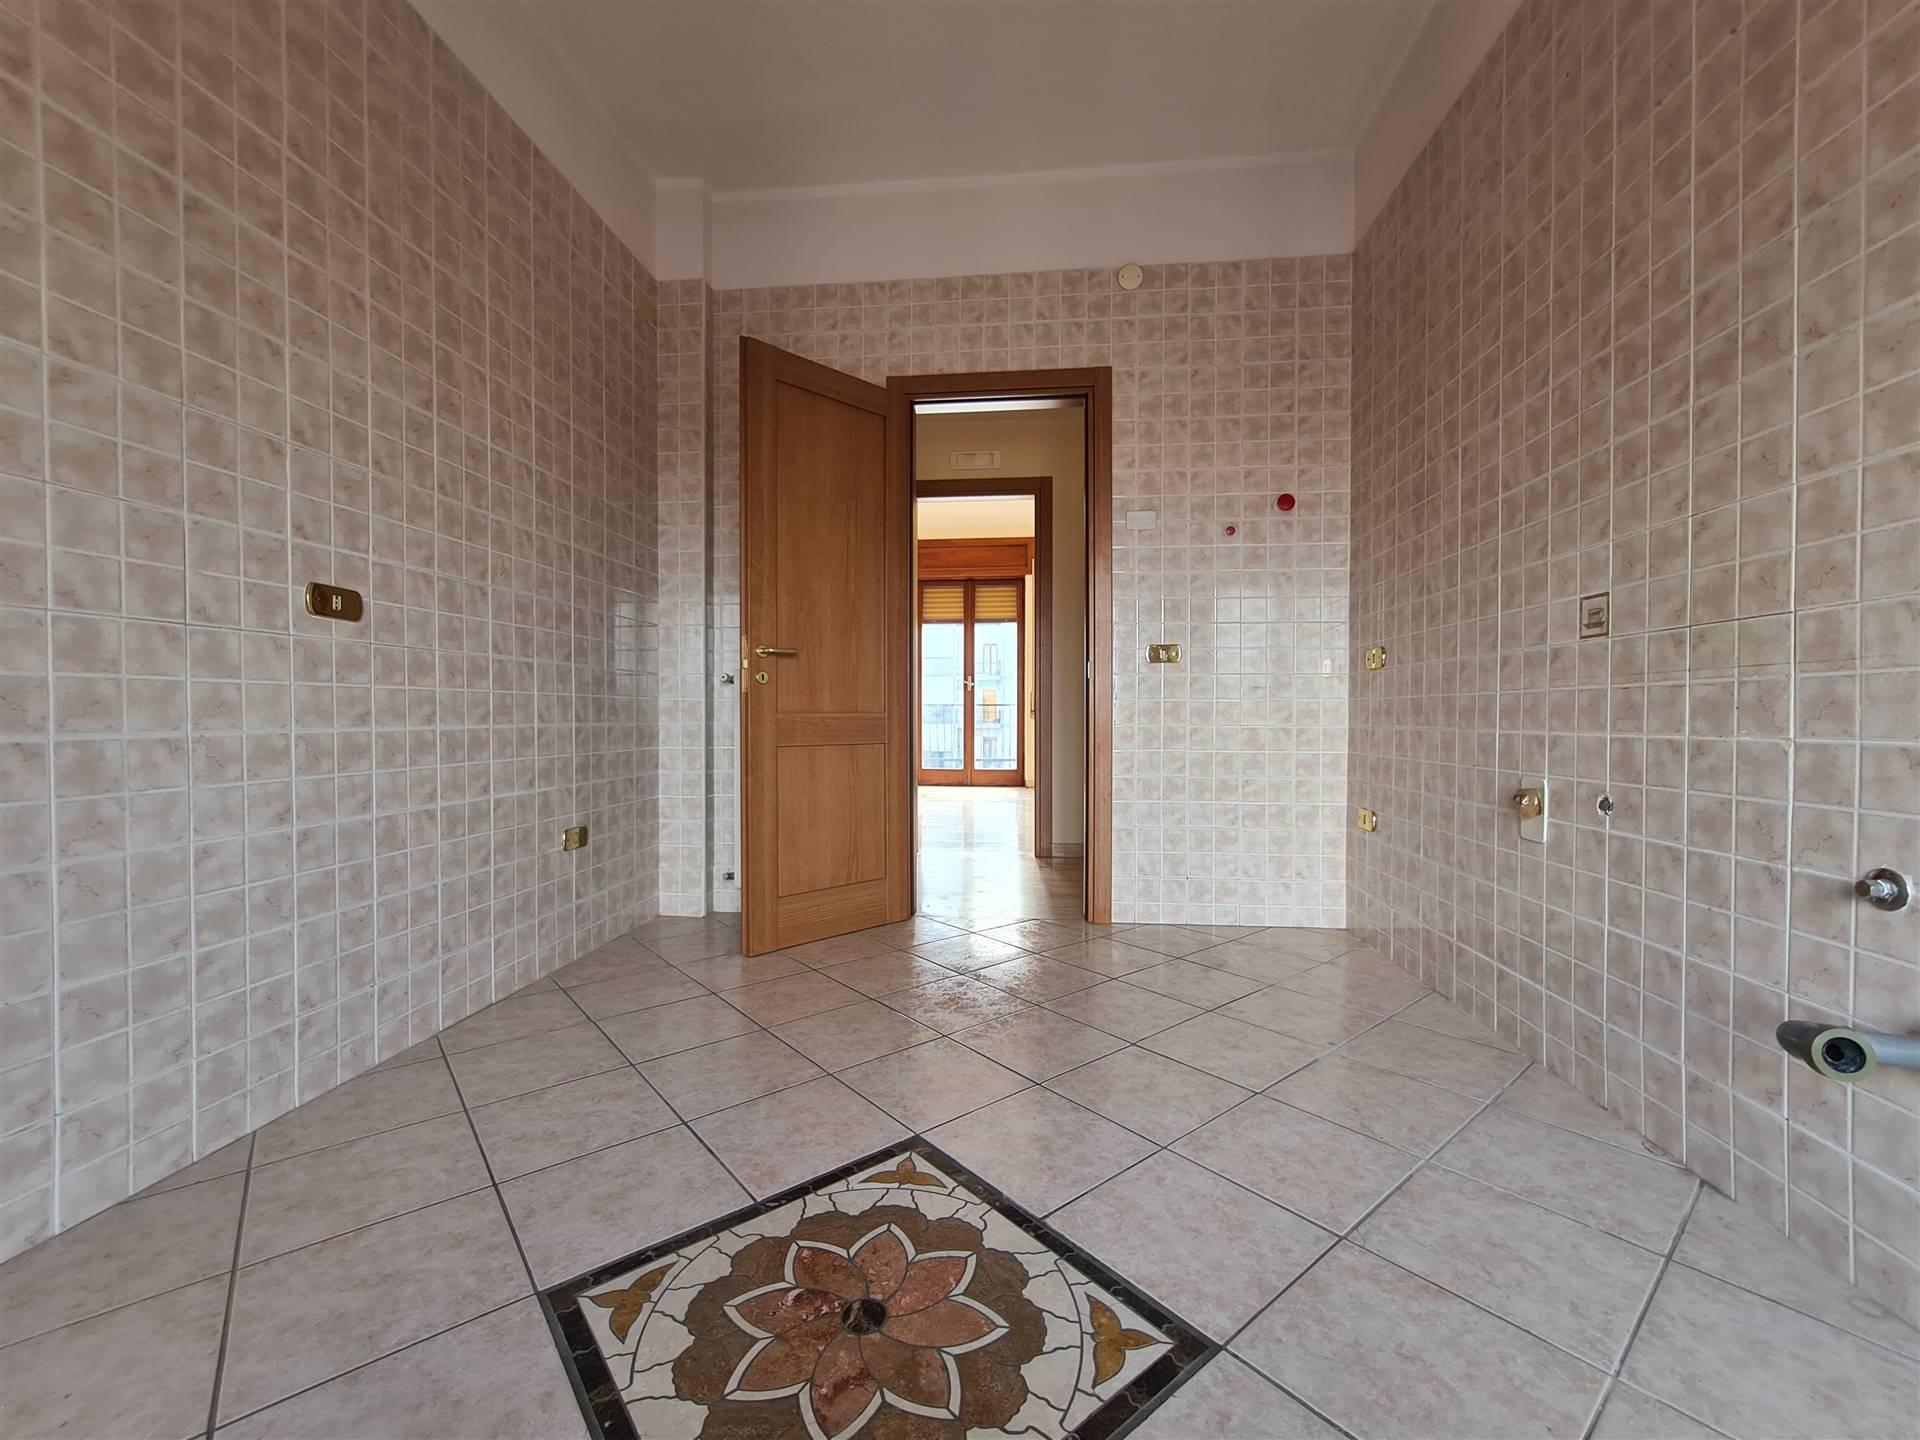 AF874A-Appartamento-SANTA-MARIA-CAPUA-VETERE-Via-Luigi-de-Michele